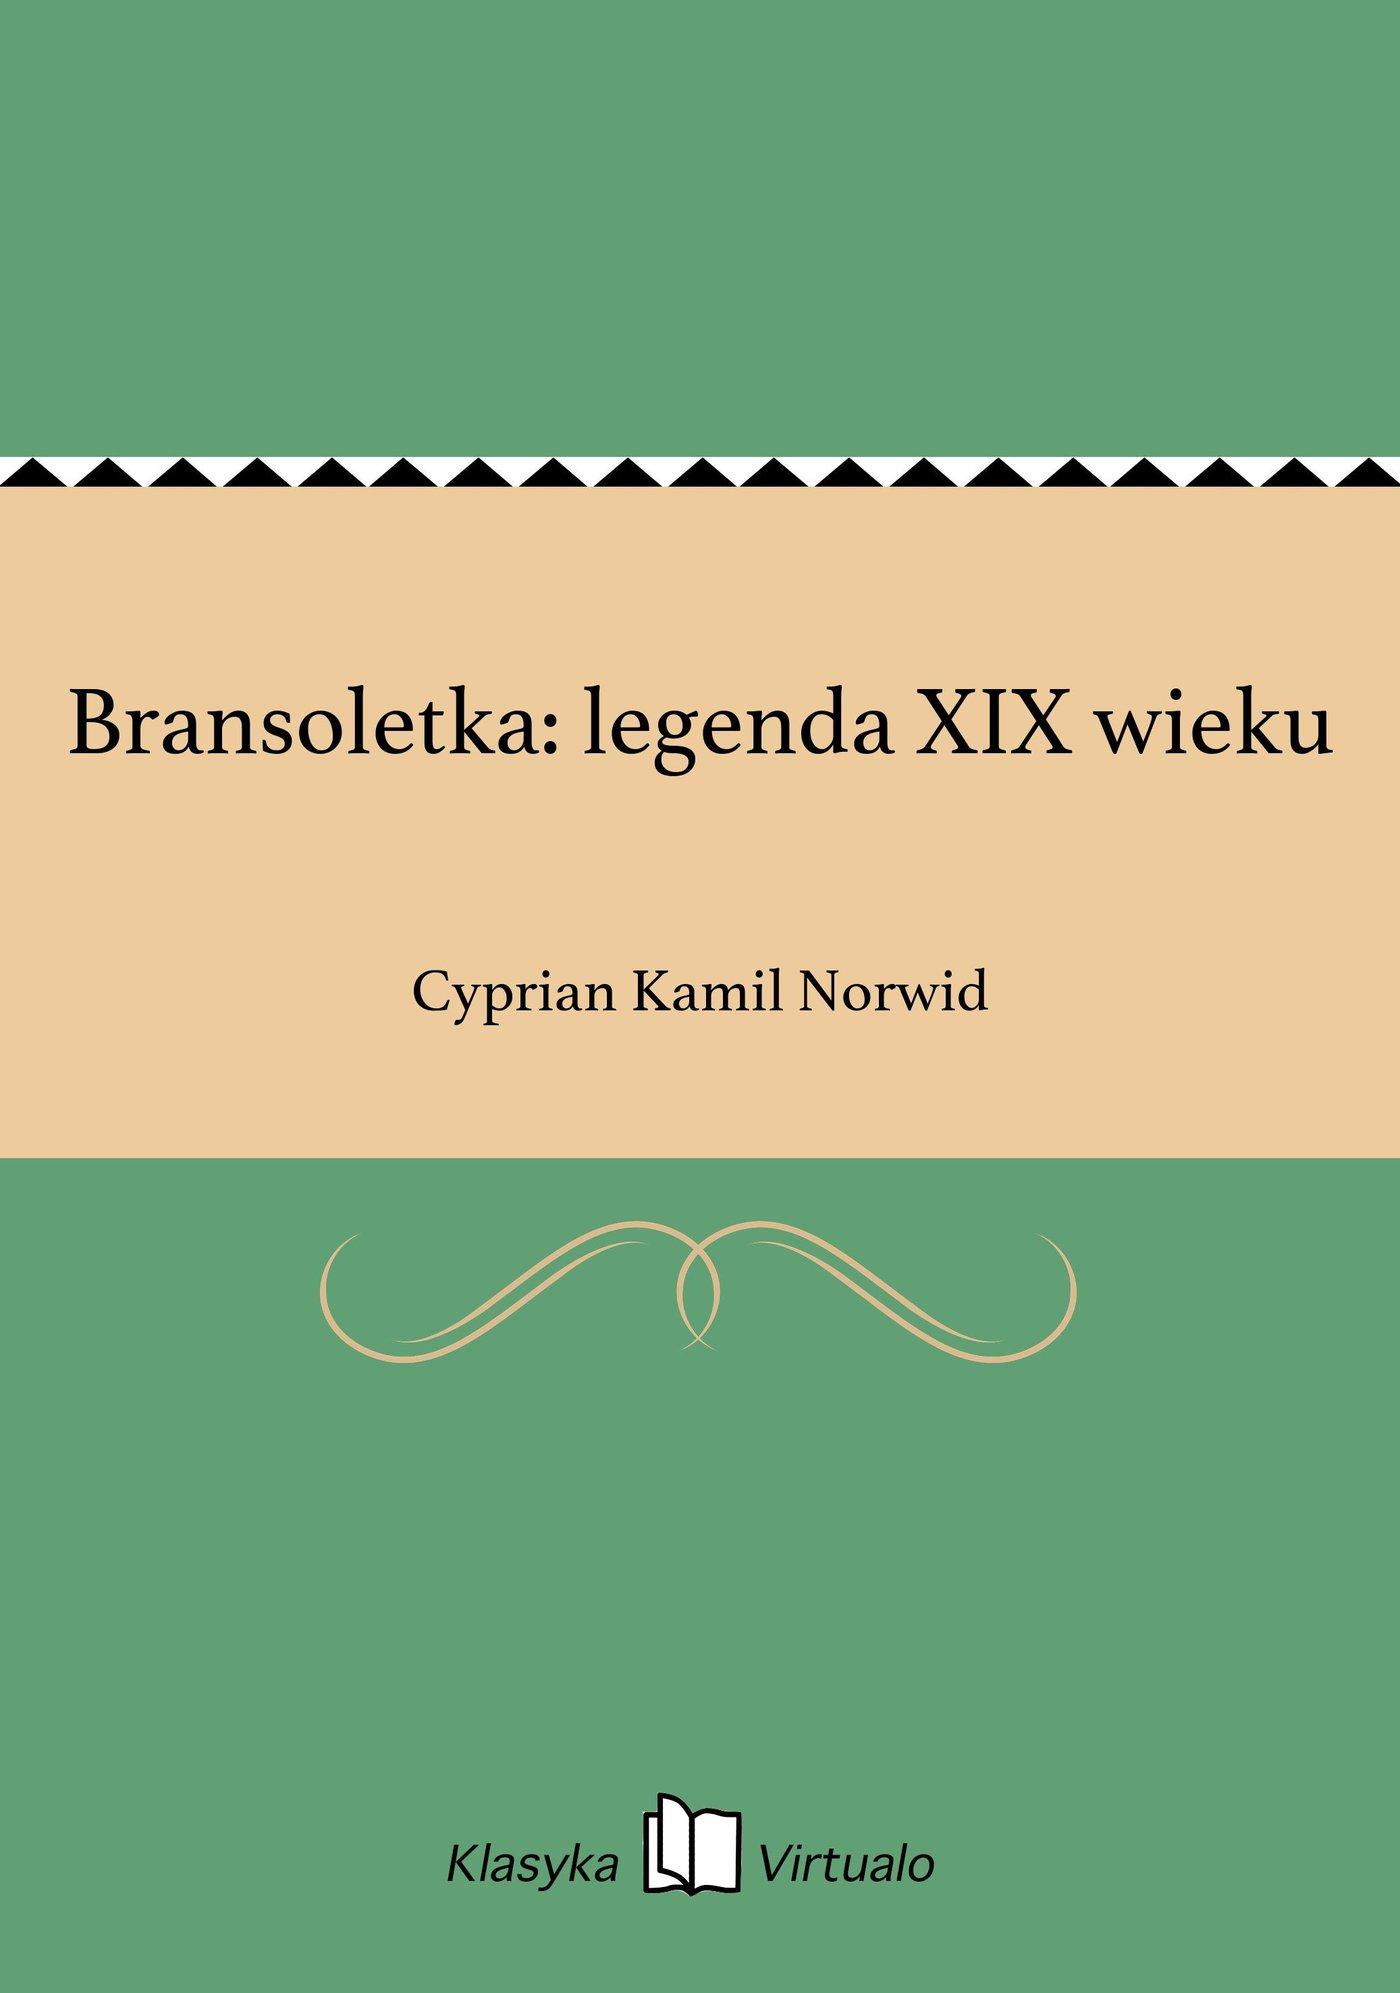 Bransoletka: legenda XIX wieku - Ebook (Książka EPUB) do pobrania w formacie EPUB